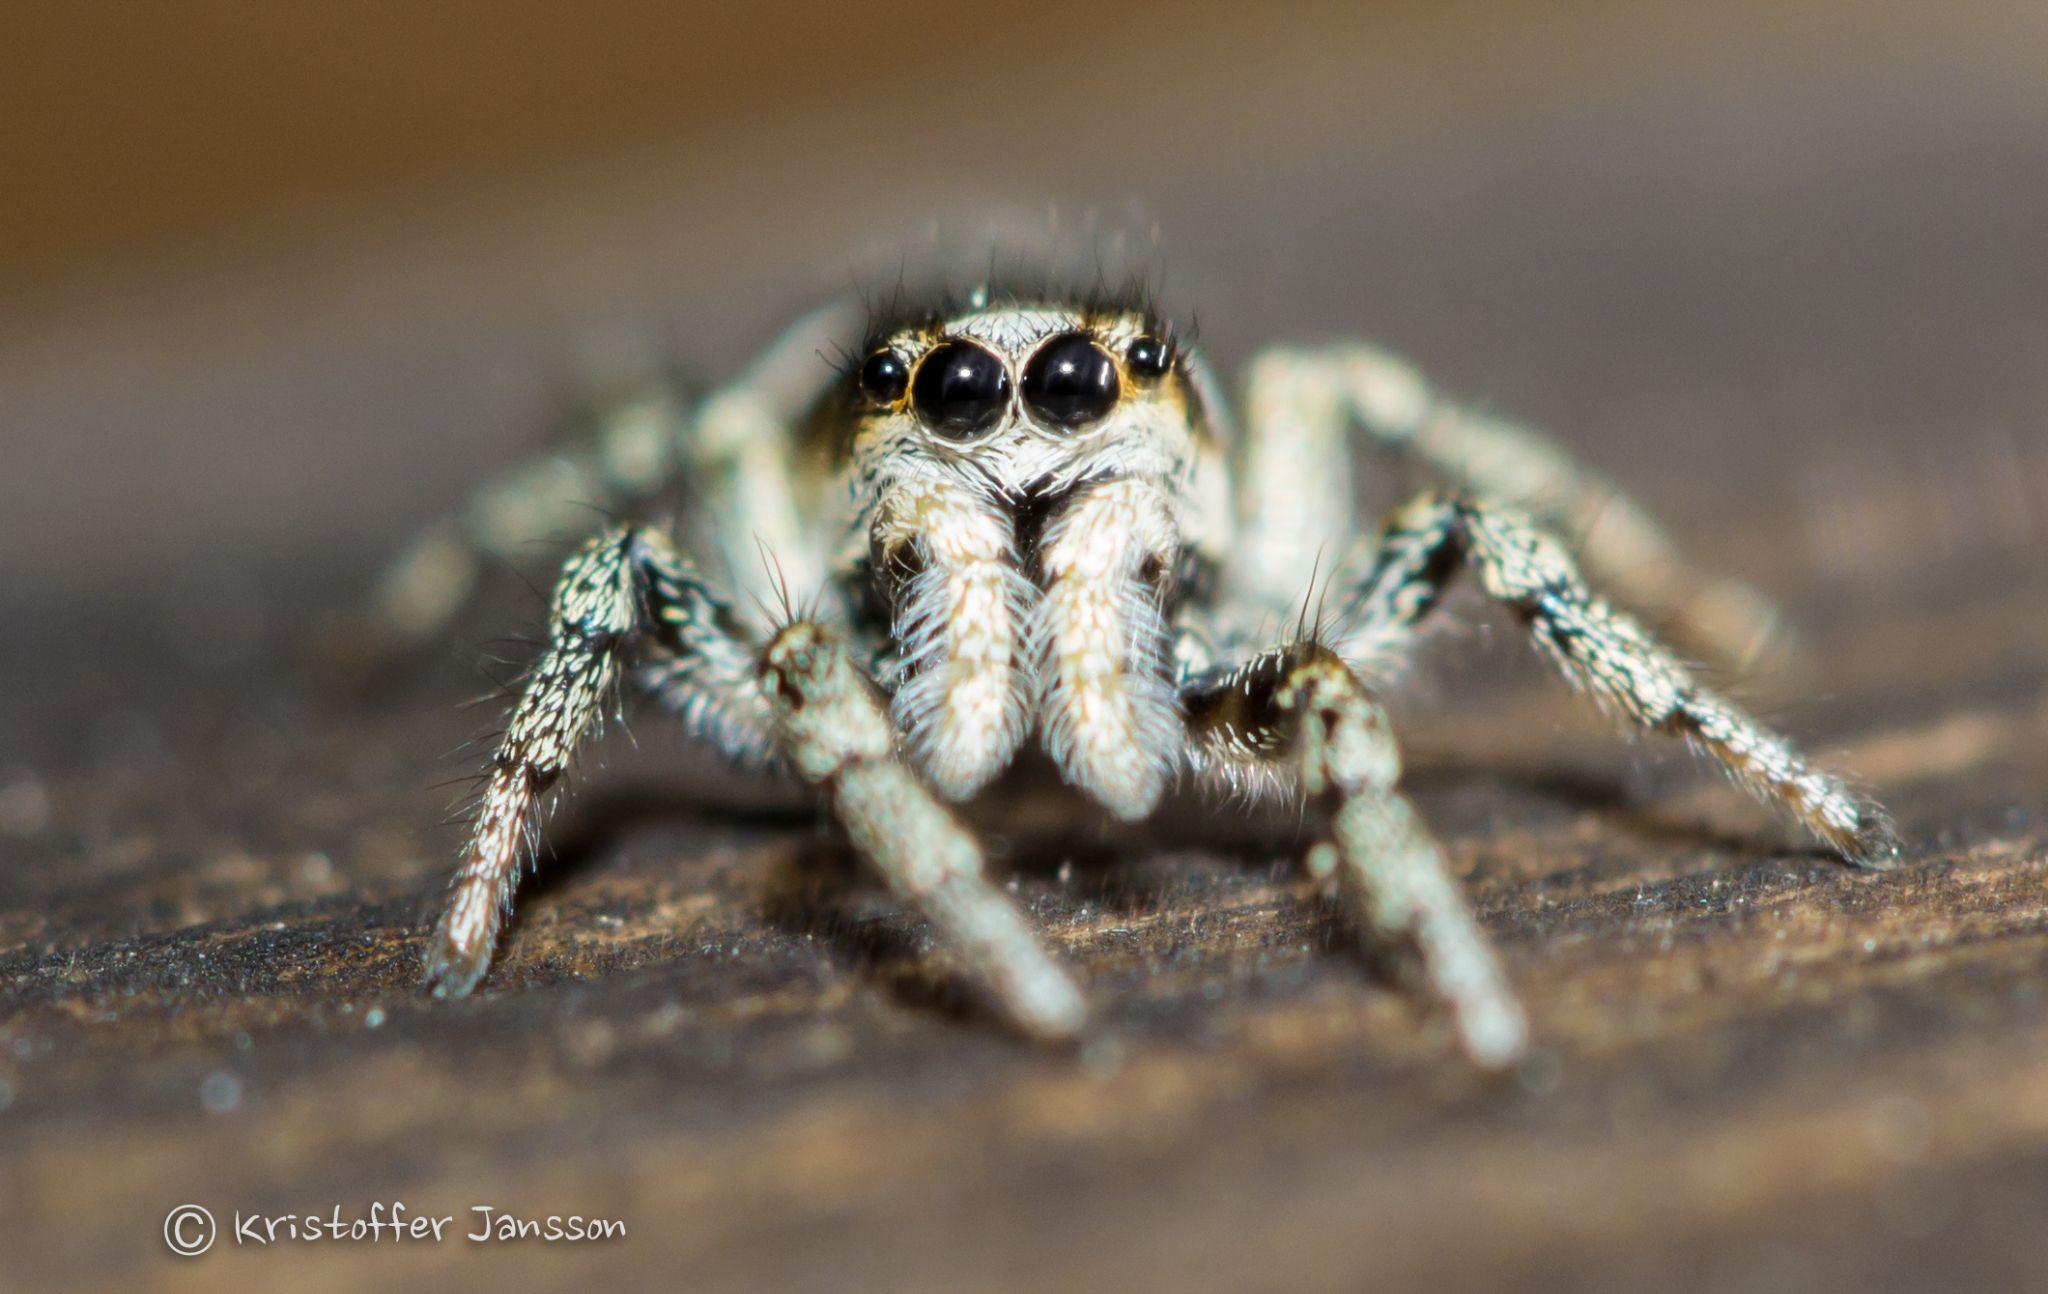 Spider by kristoffer jansson